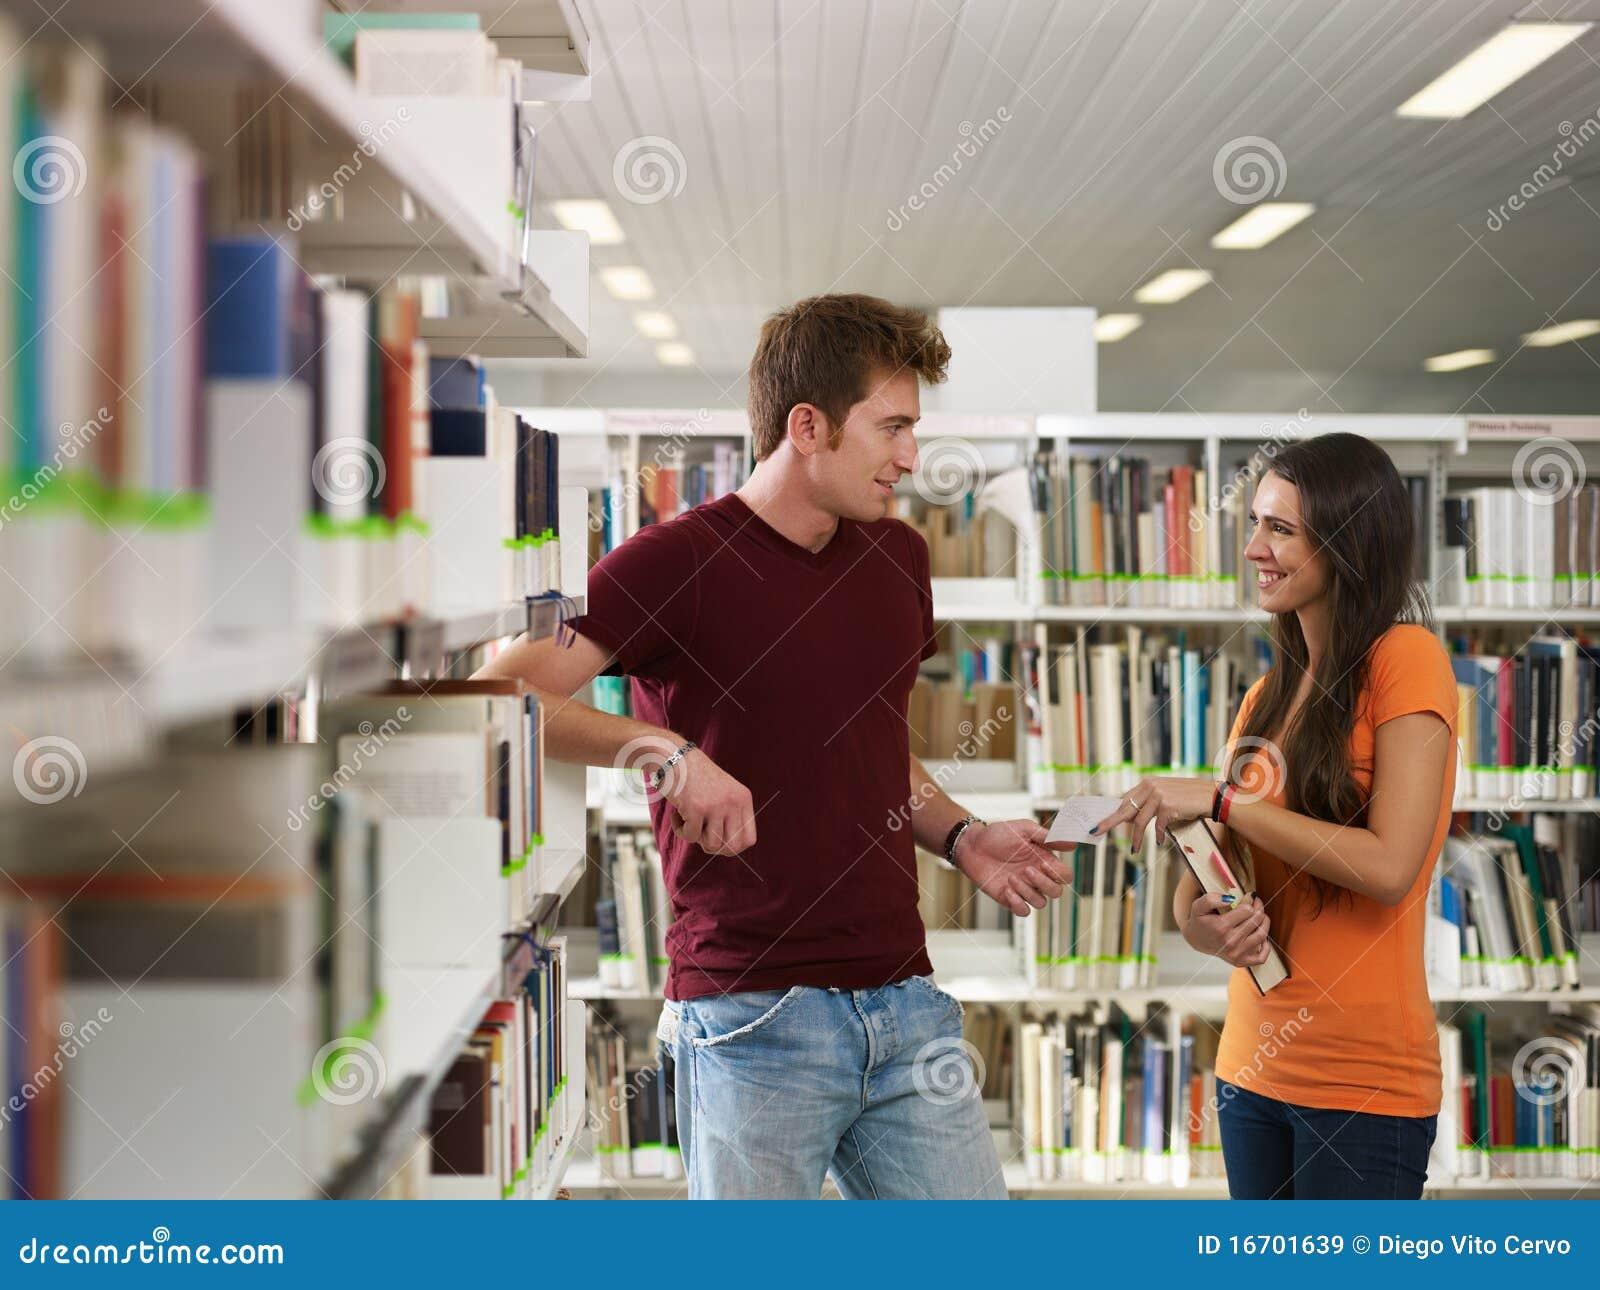 挥动的图书馆学员